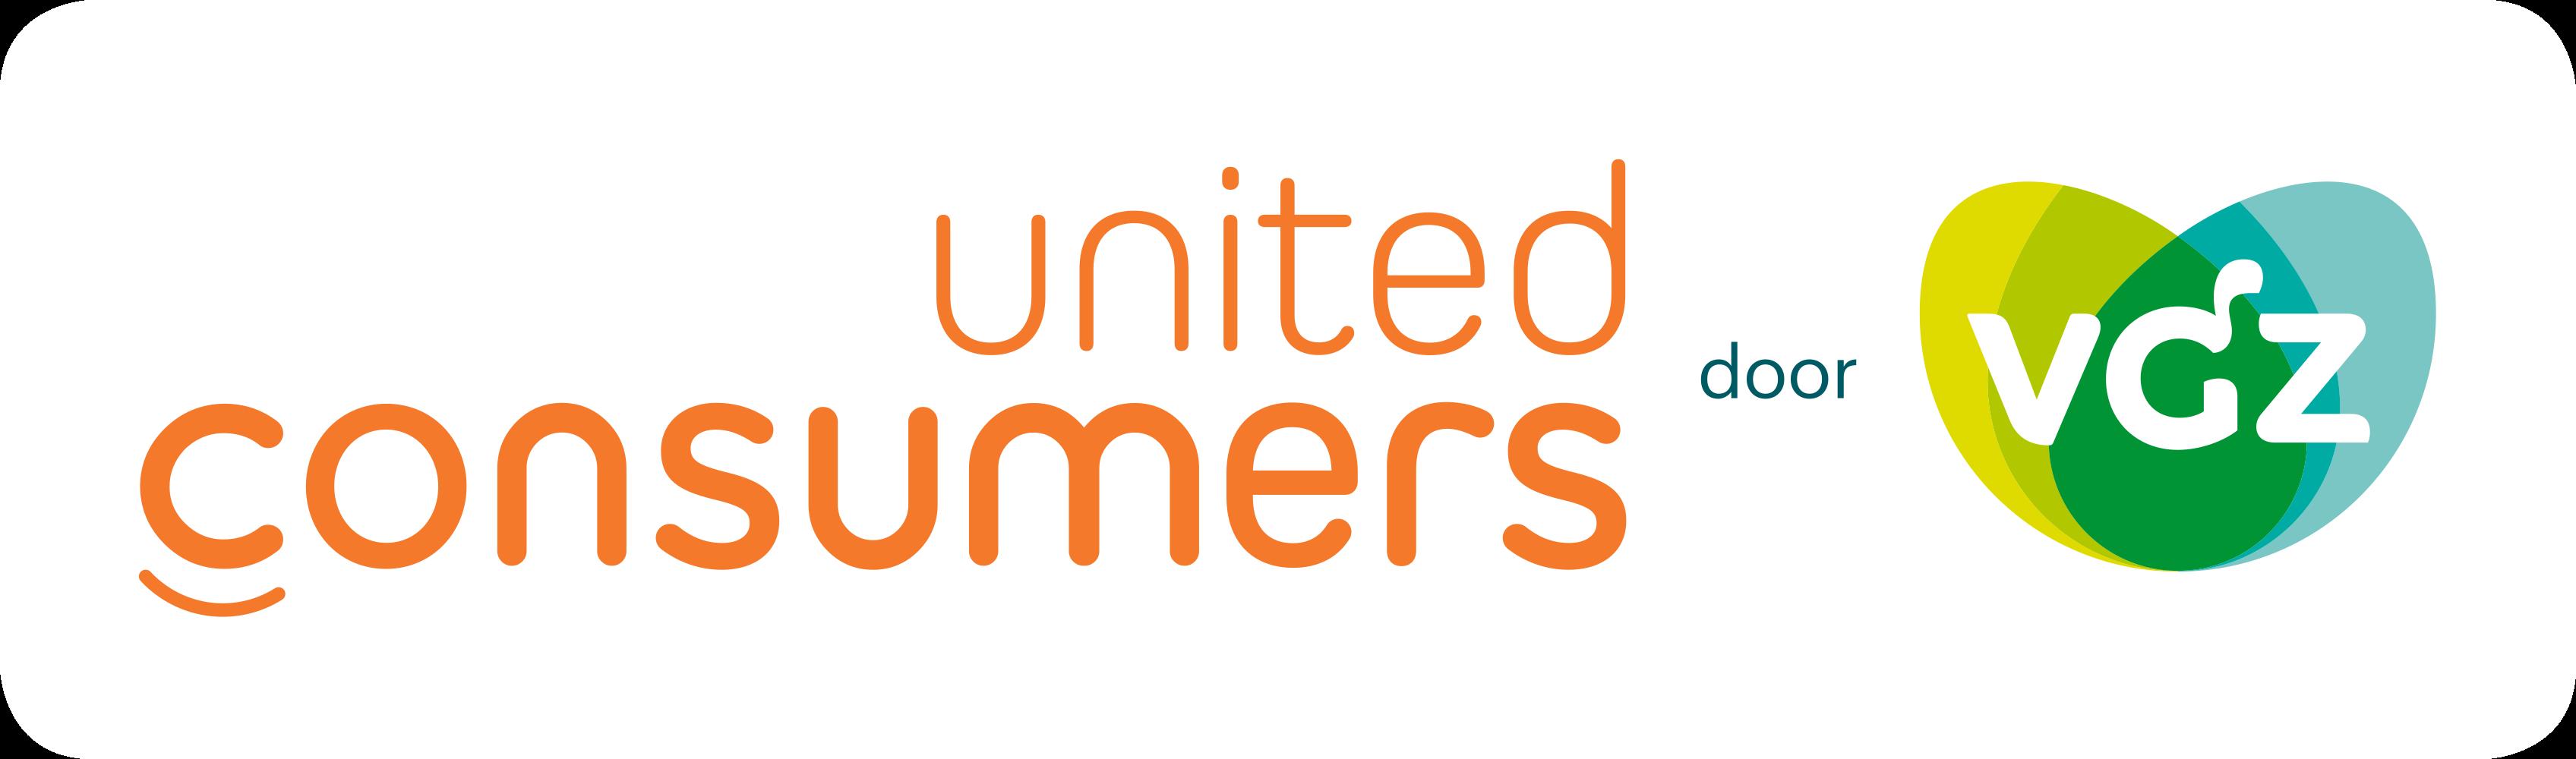 UnitedConsumers door VGZ